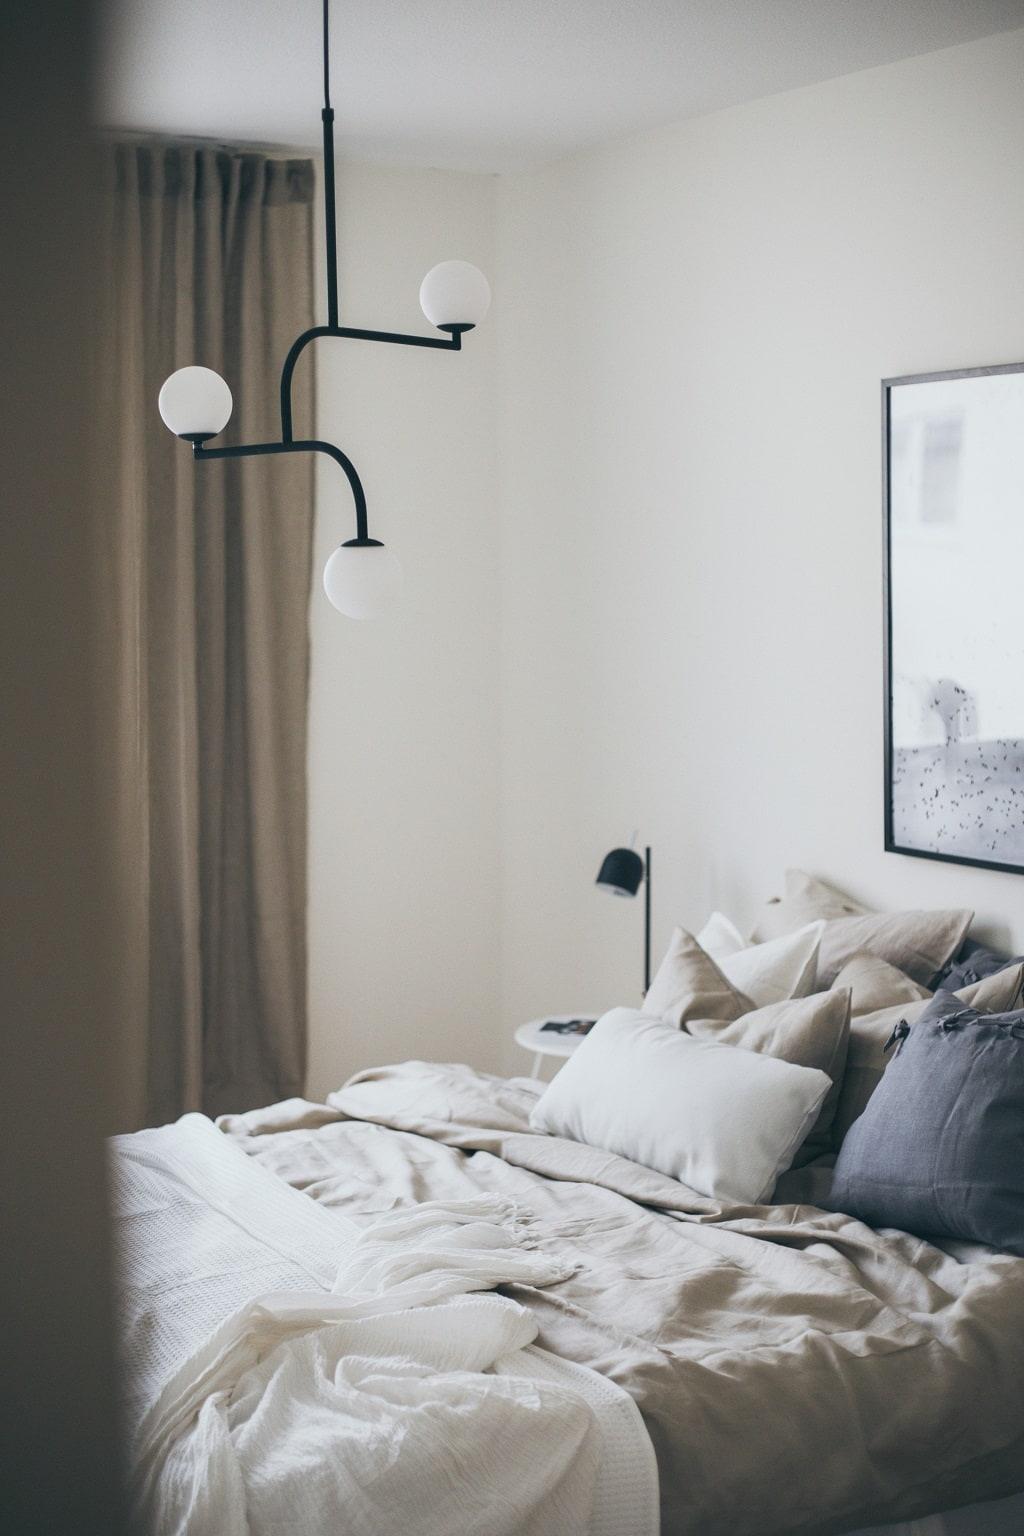 Sovrum med säng bäddad med begia färger